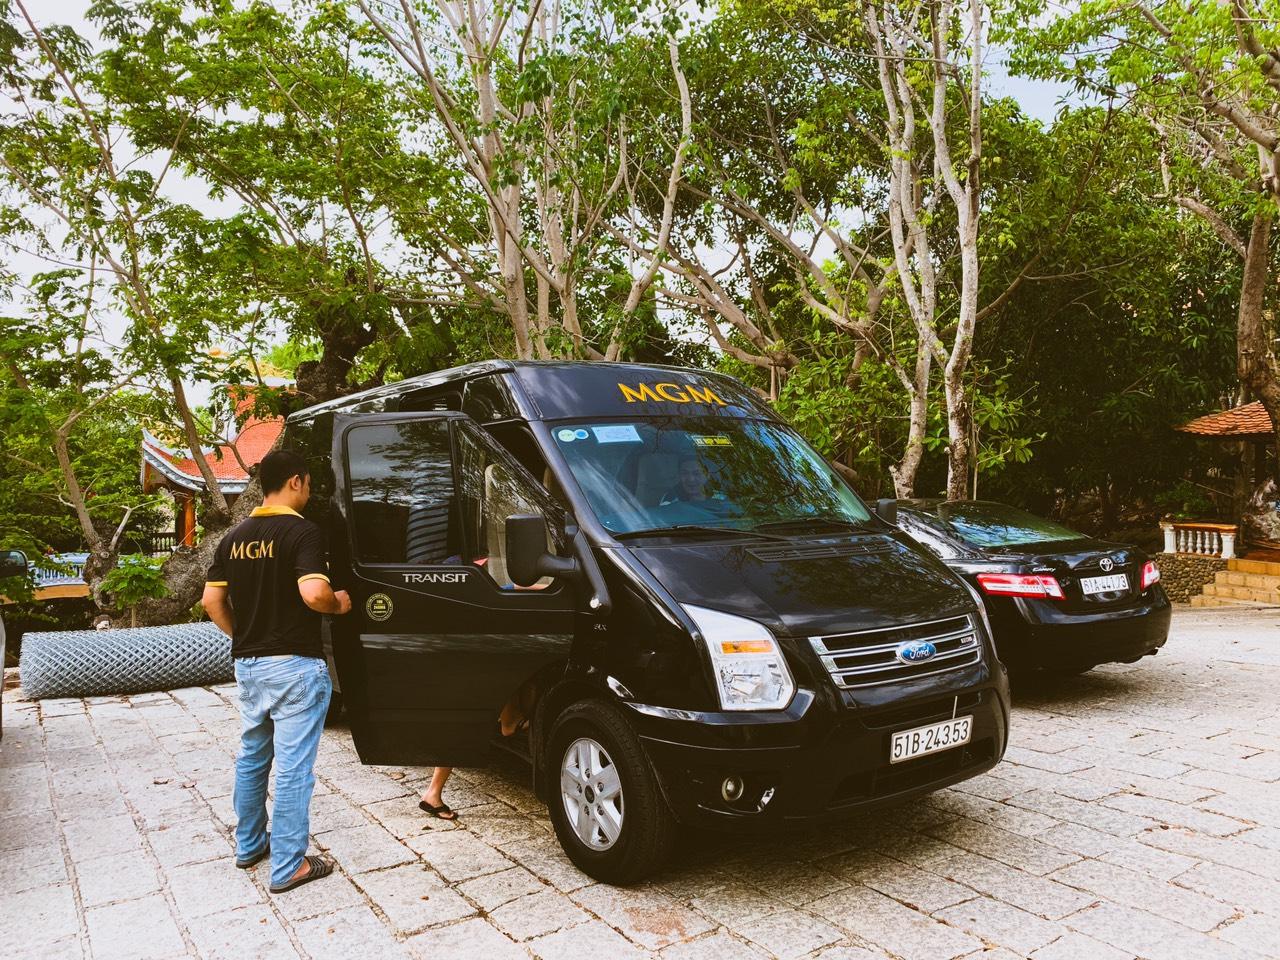 Lái xe MGM đang mở cửa phục vụ Khách thuê xe 16 chỗ đi biển Long Hải